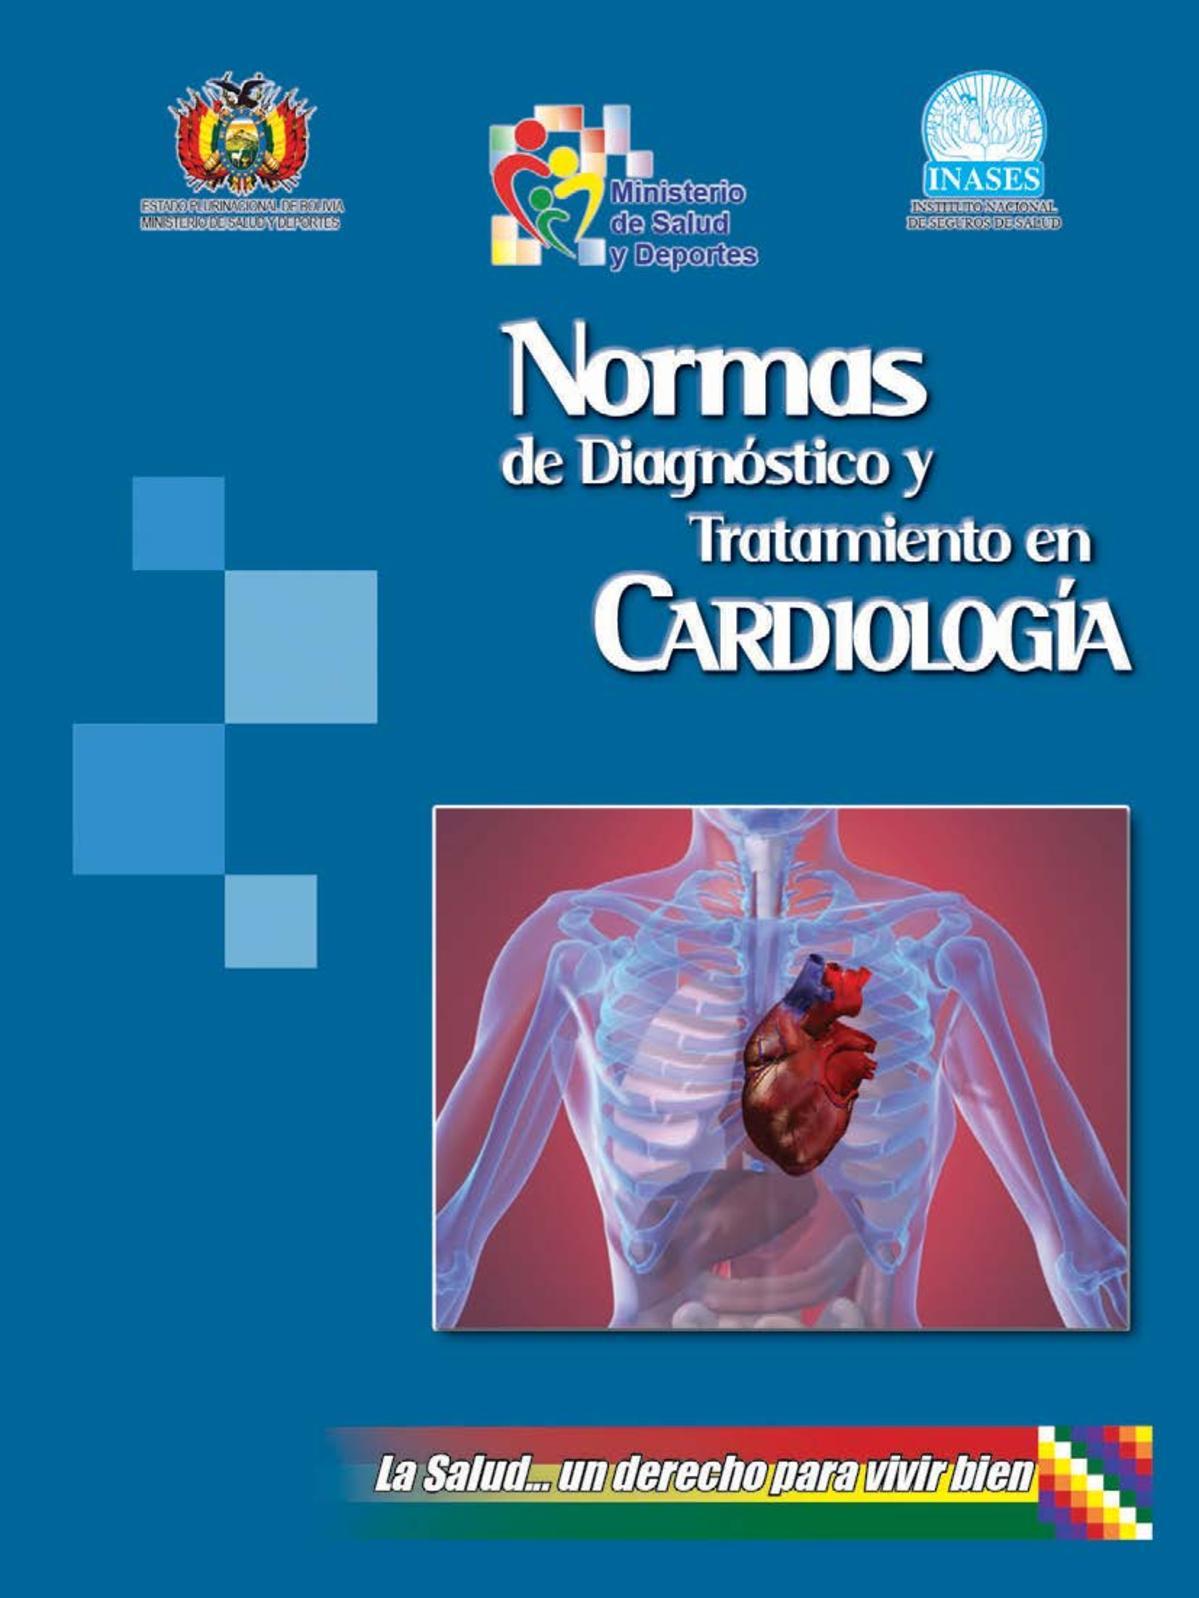 profilaxis de endocarditis infecciosa últimas pautas para la diabetes